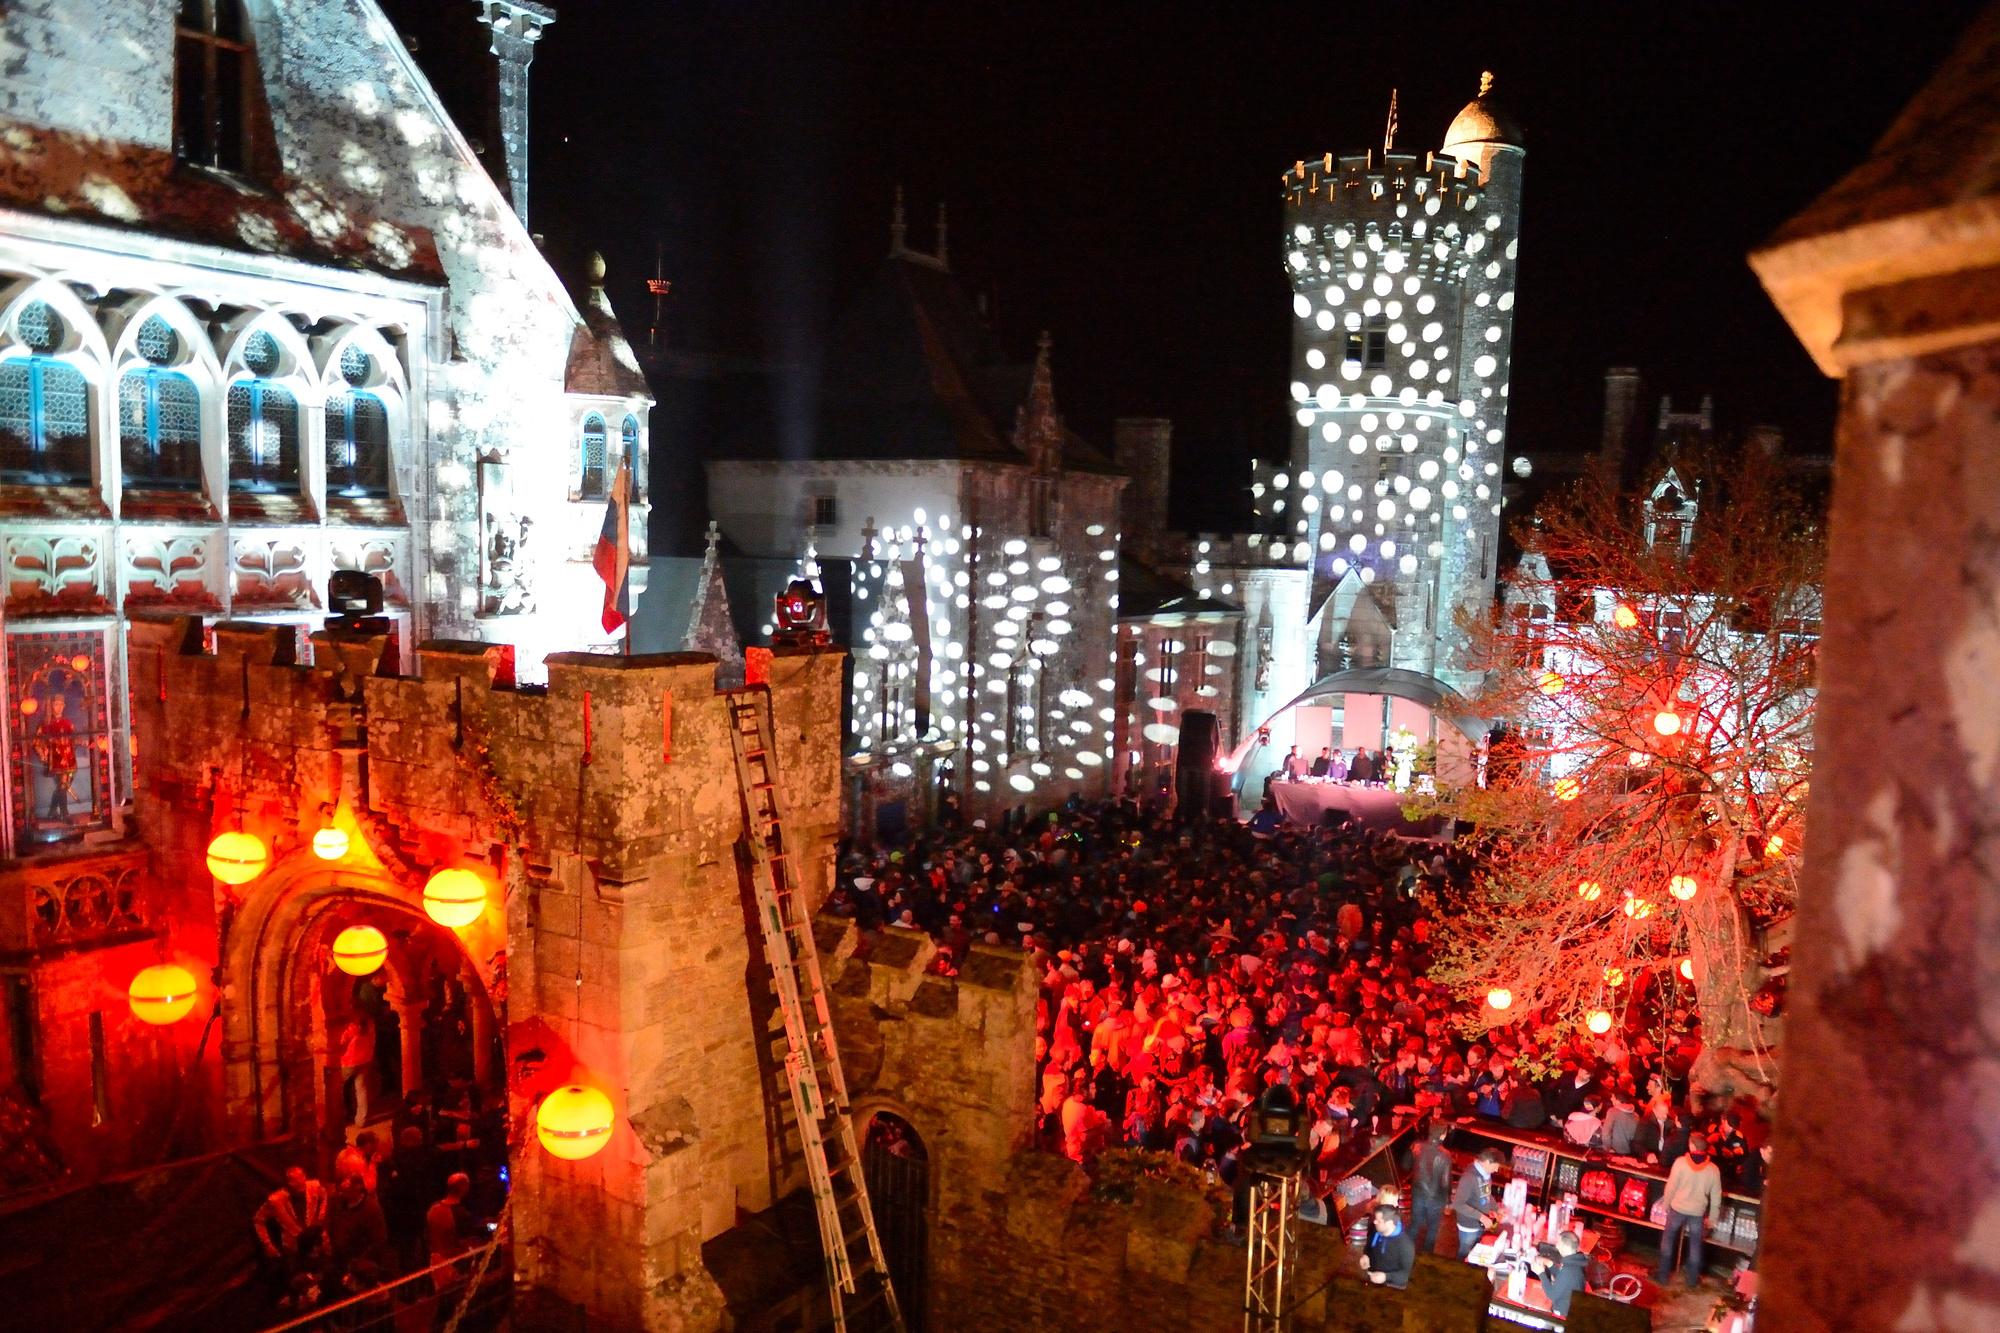 Het kleurrijke festival van Cornouaille., Ronan Gladu